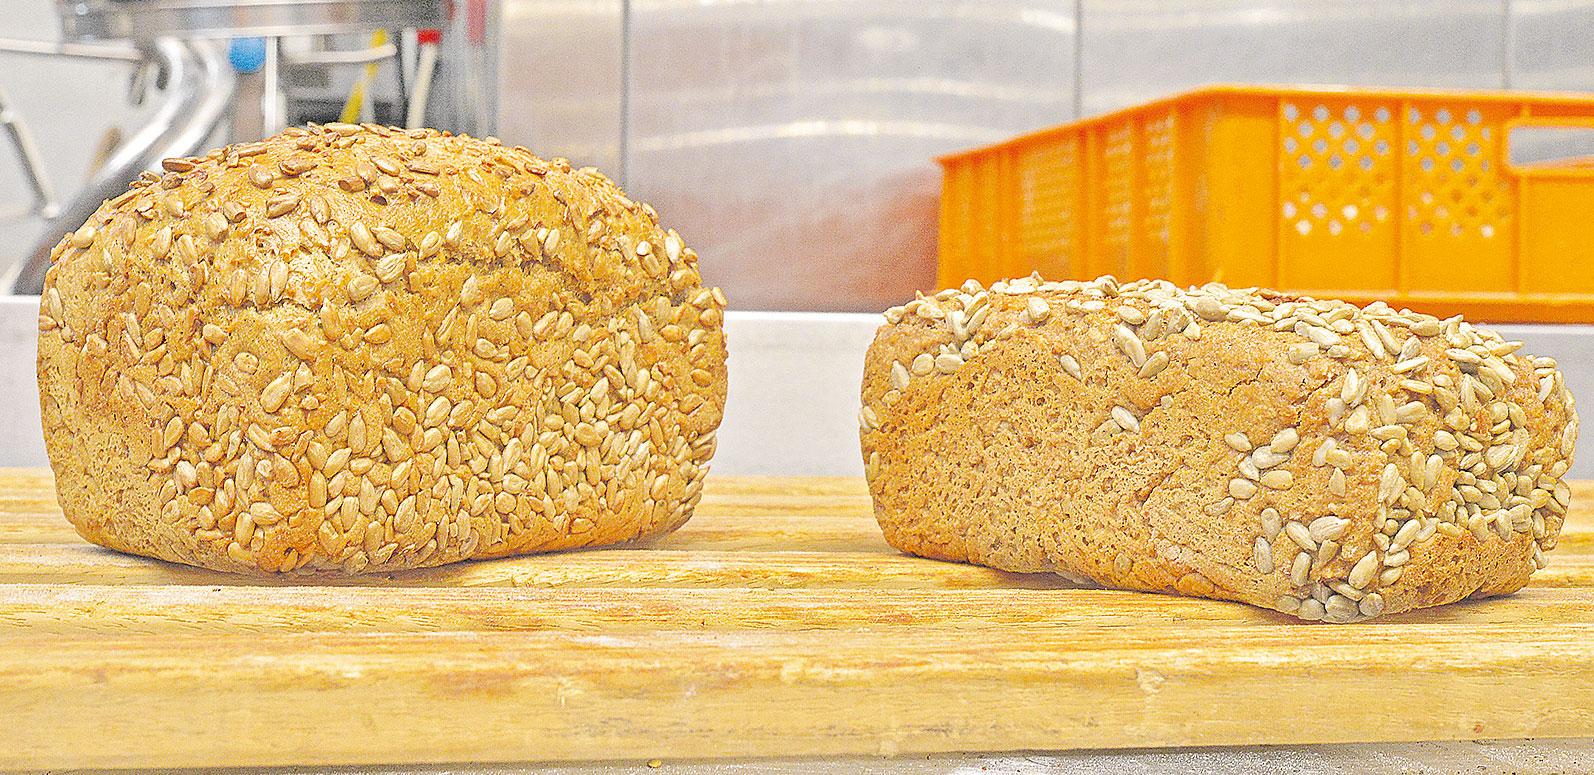 """Schon optisch wird deutlich:  Mit dem """"Dinkelprinzen"""" des echten Bäckers (links) ist das Brot aus der Backmischung überhaupt nicht vergleichbar."""